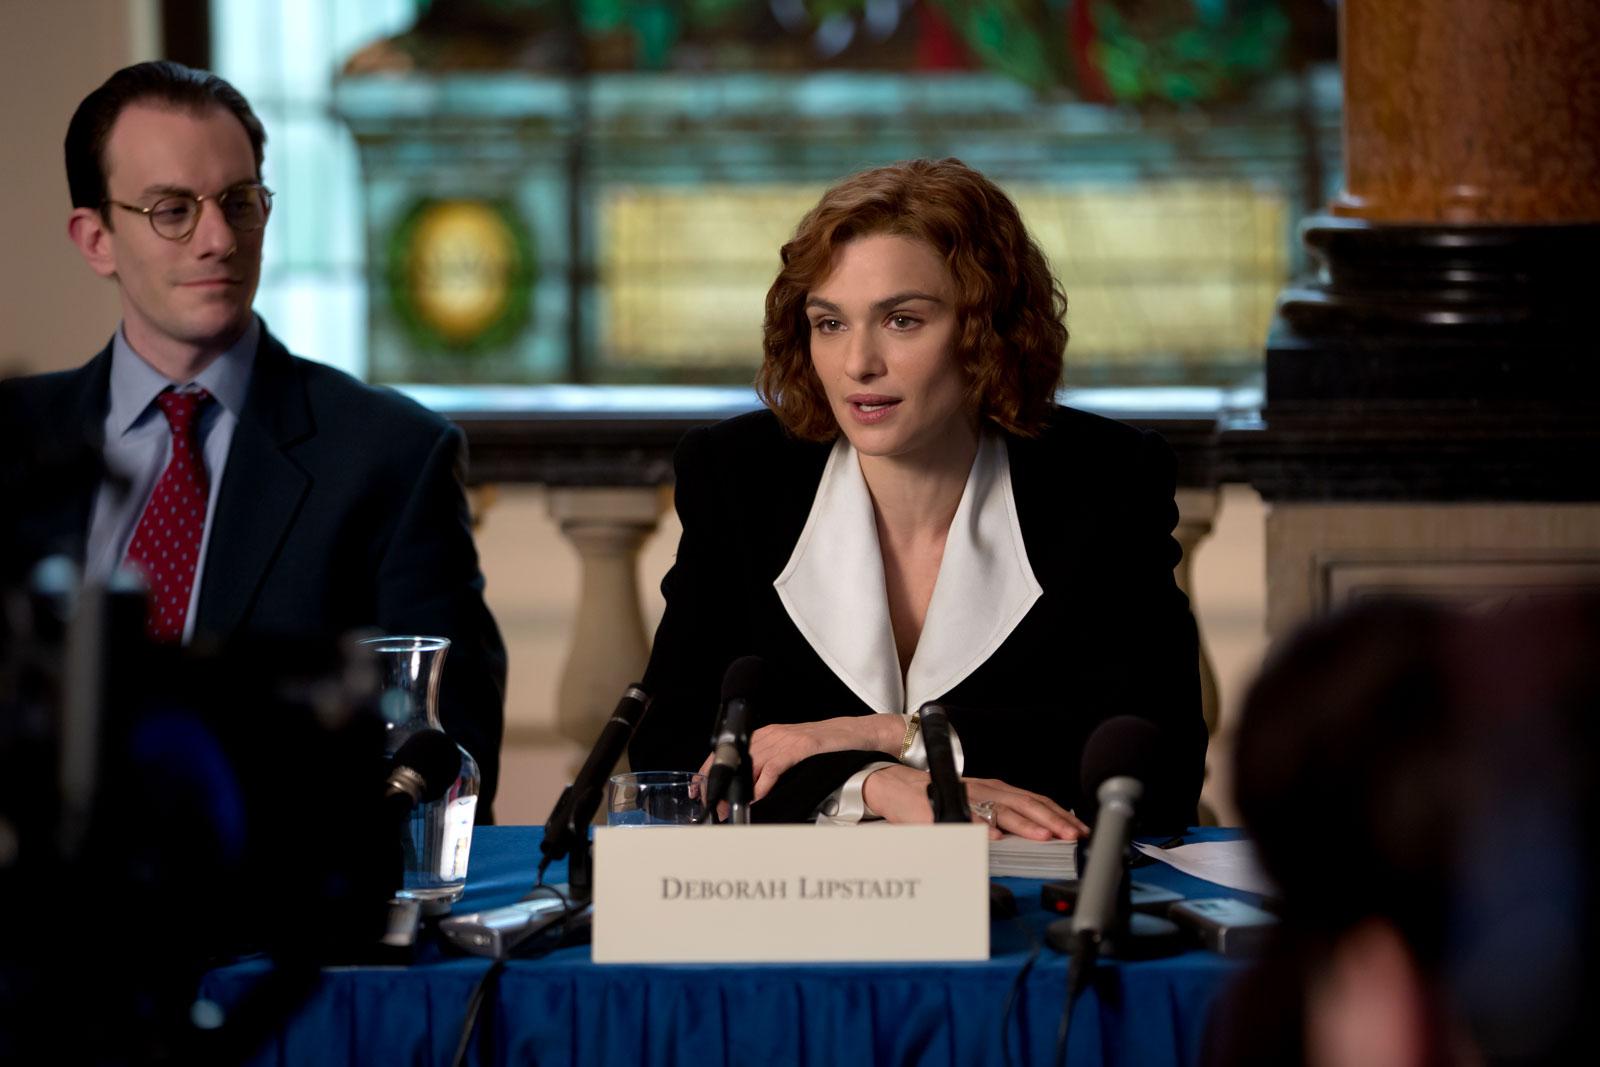 Rachel Weisz as Deborah E. Lipstadt in Mick Jackson's Denial, 2016